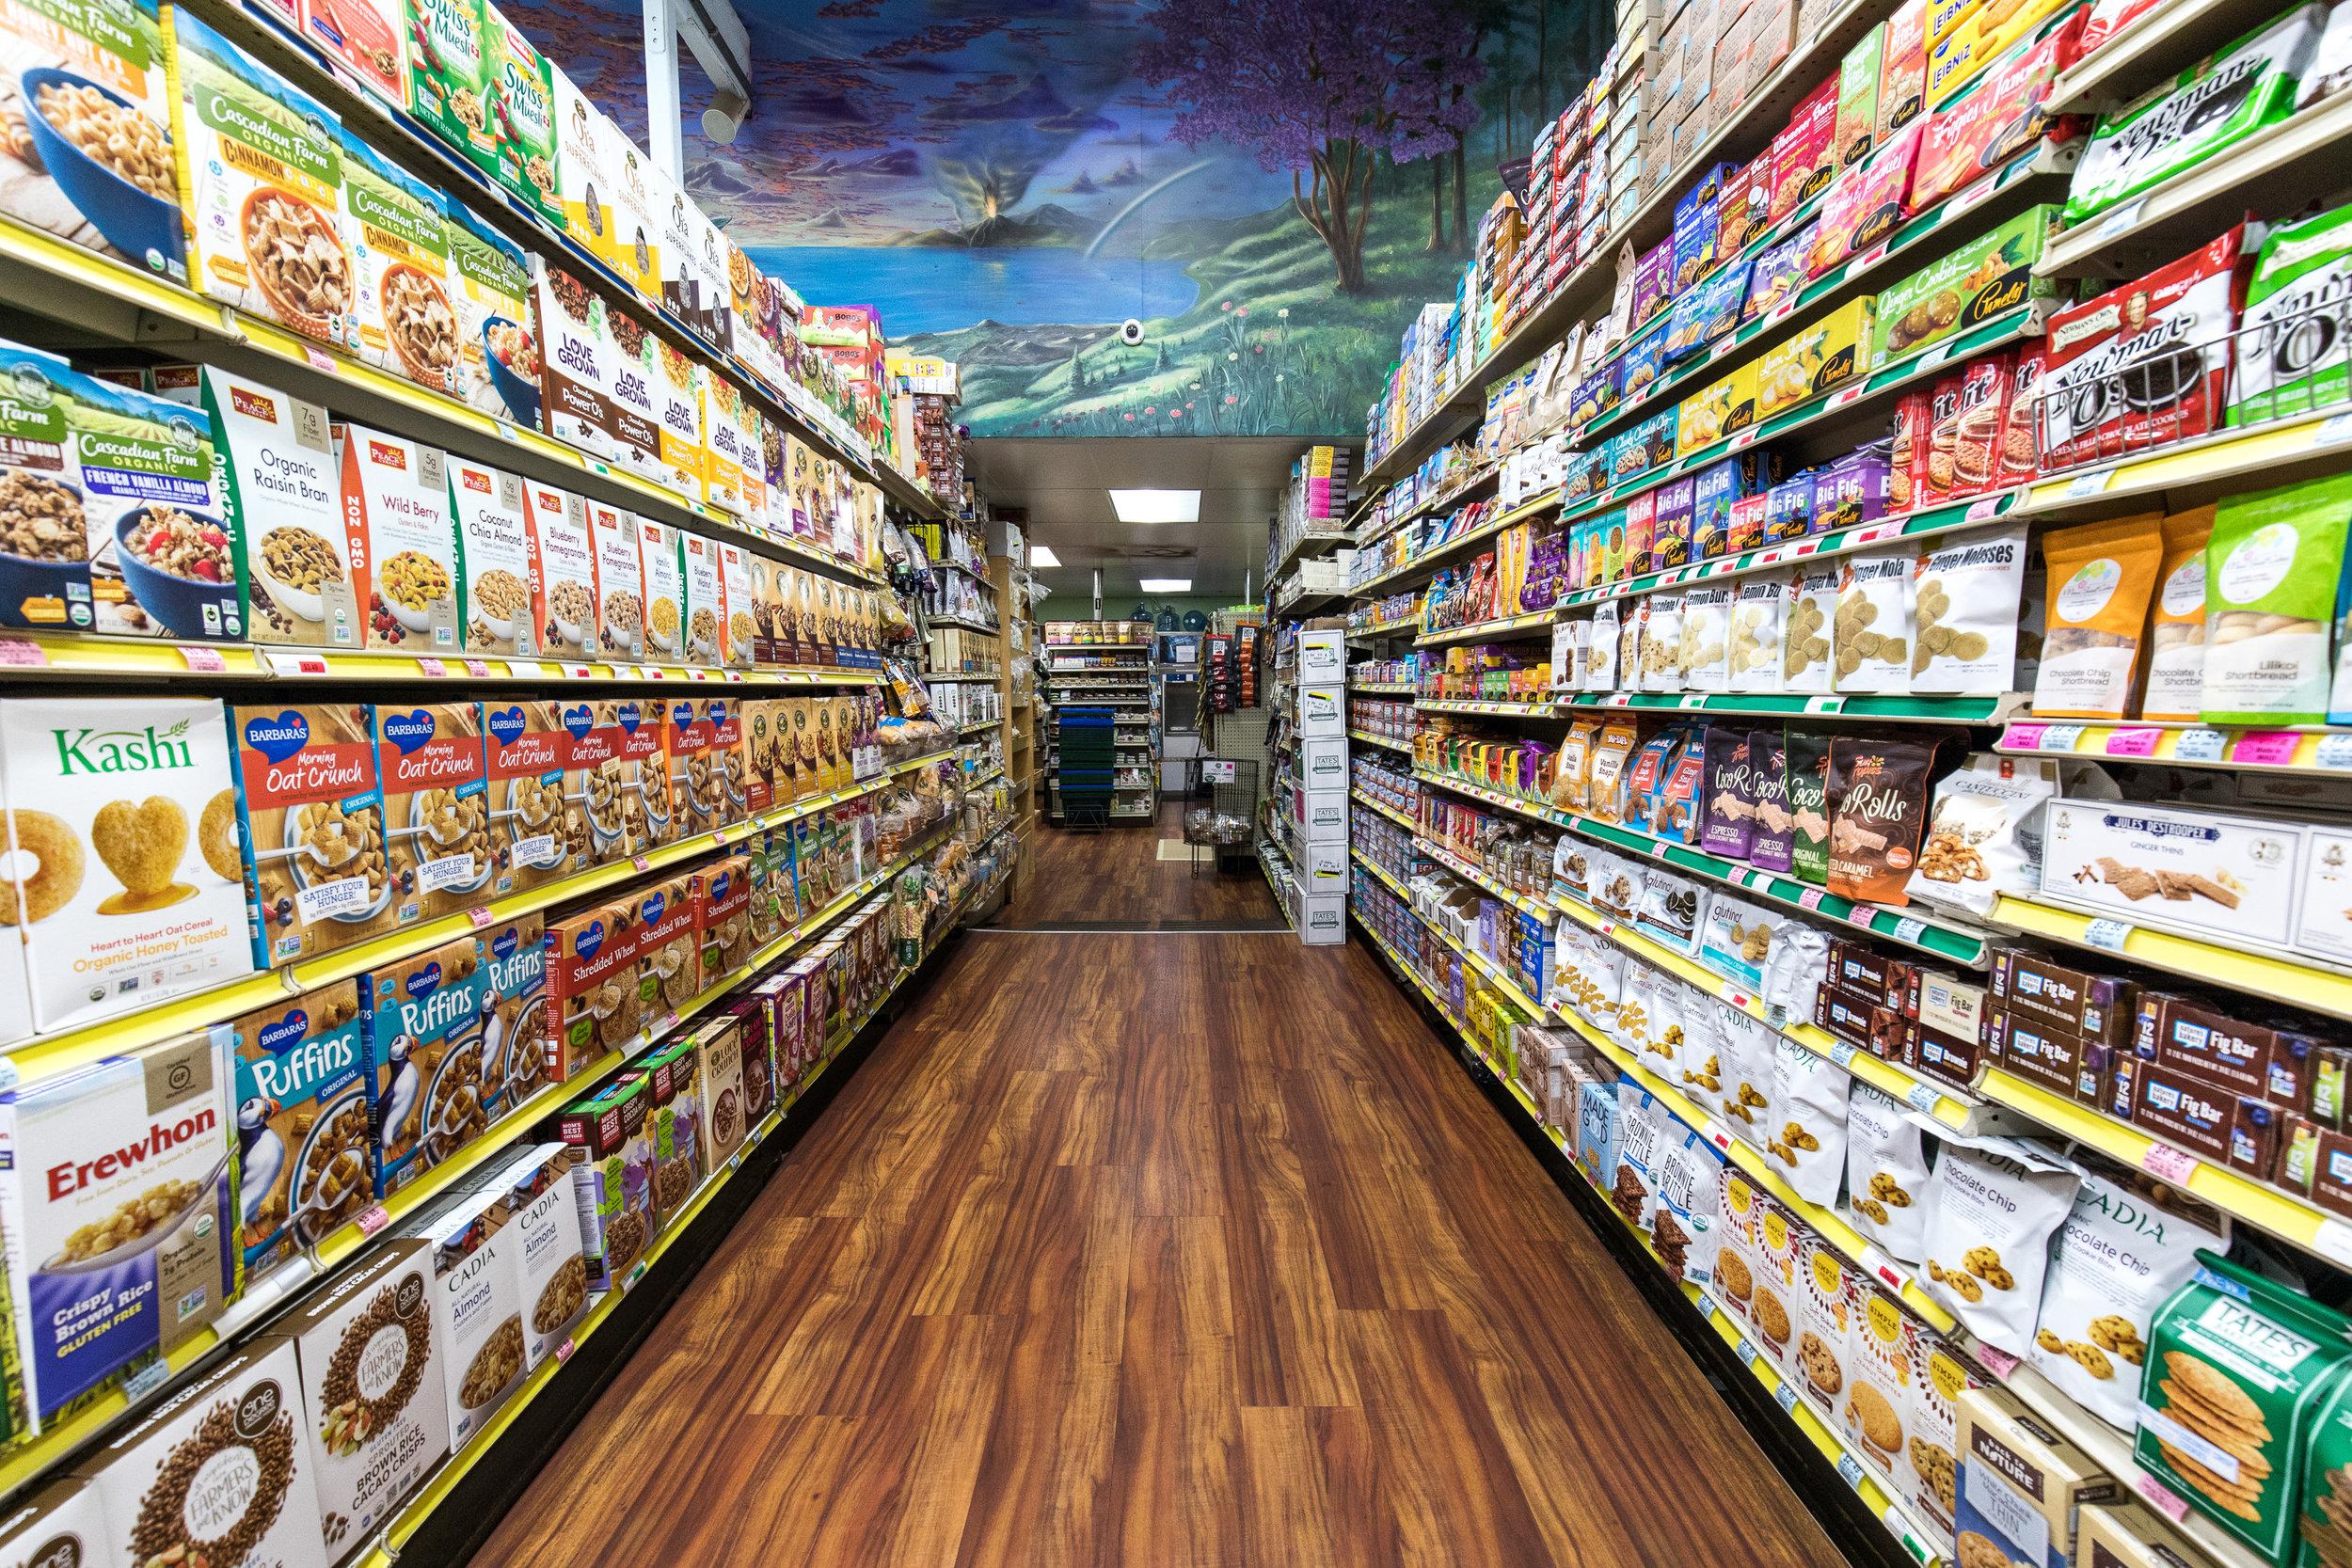 Mana-Foods-Store-Paia-Maui-Hawaii.jpg